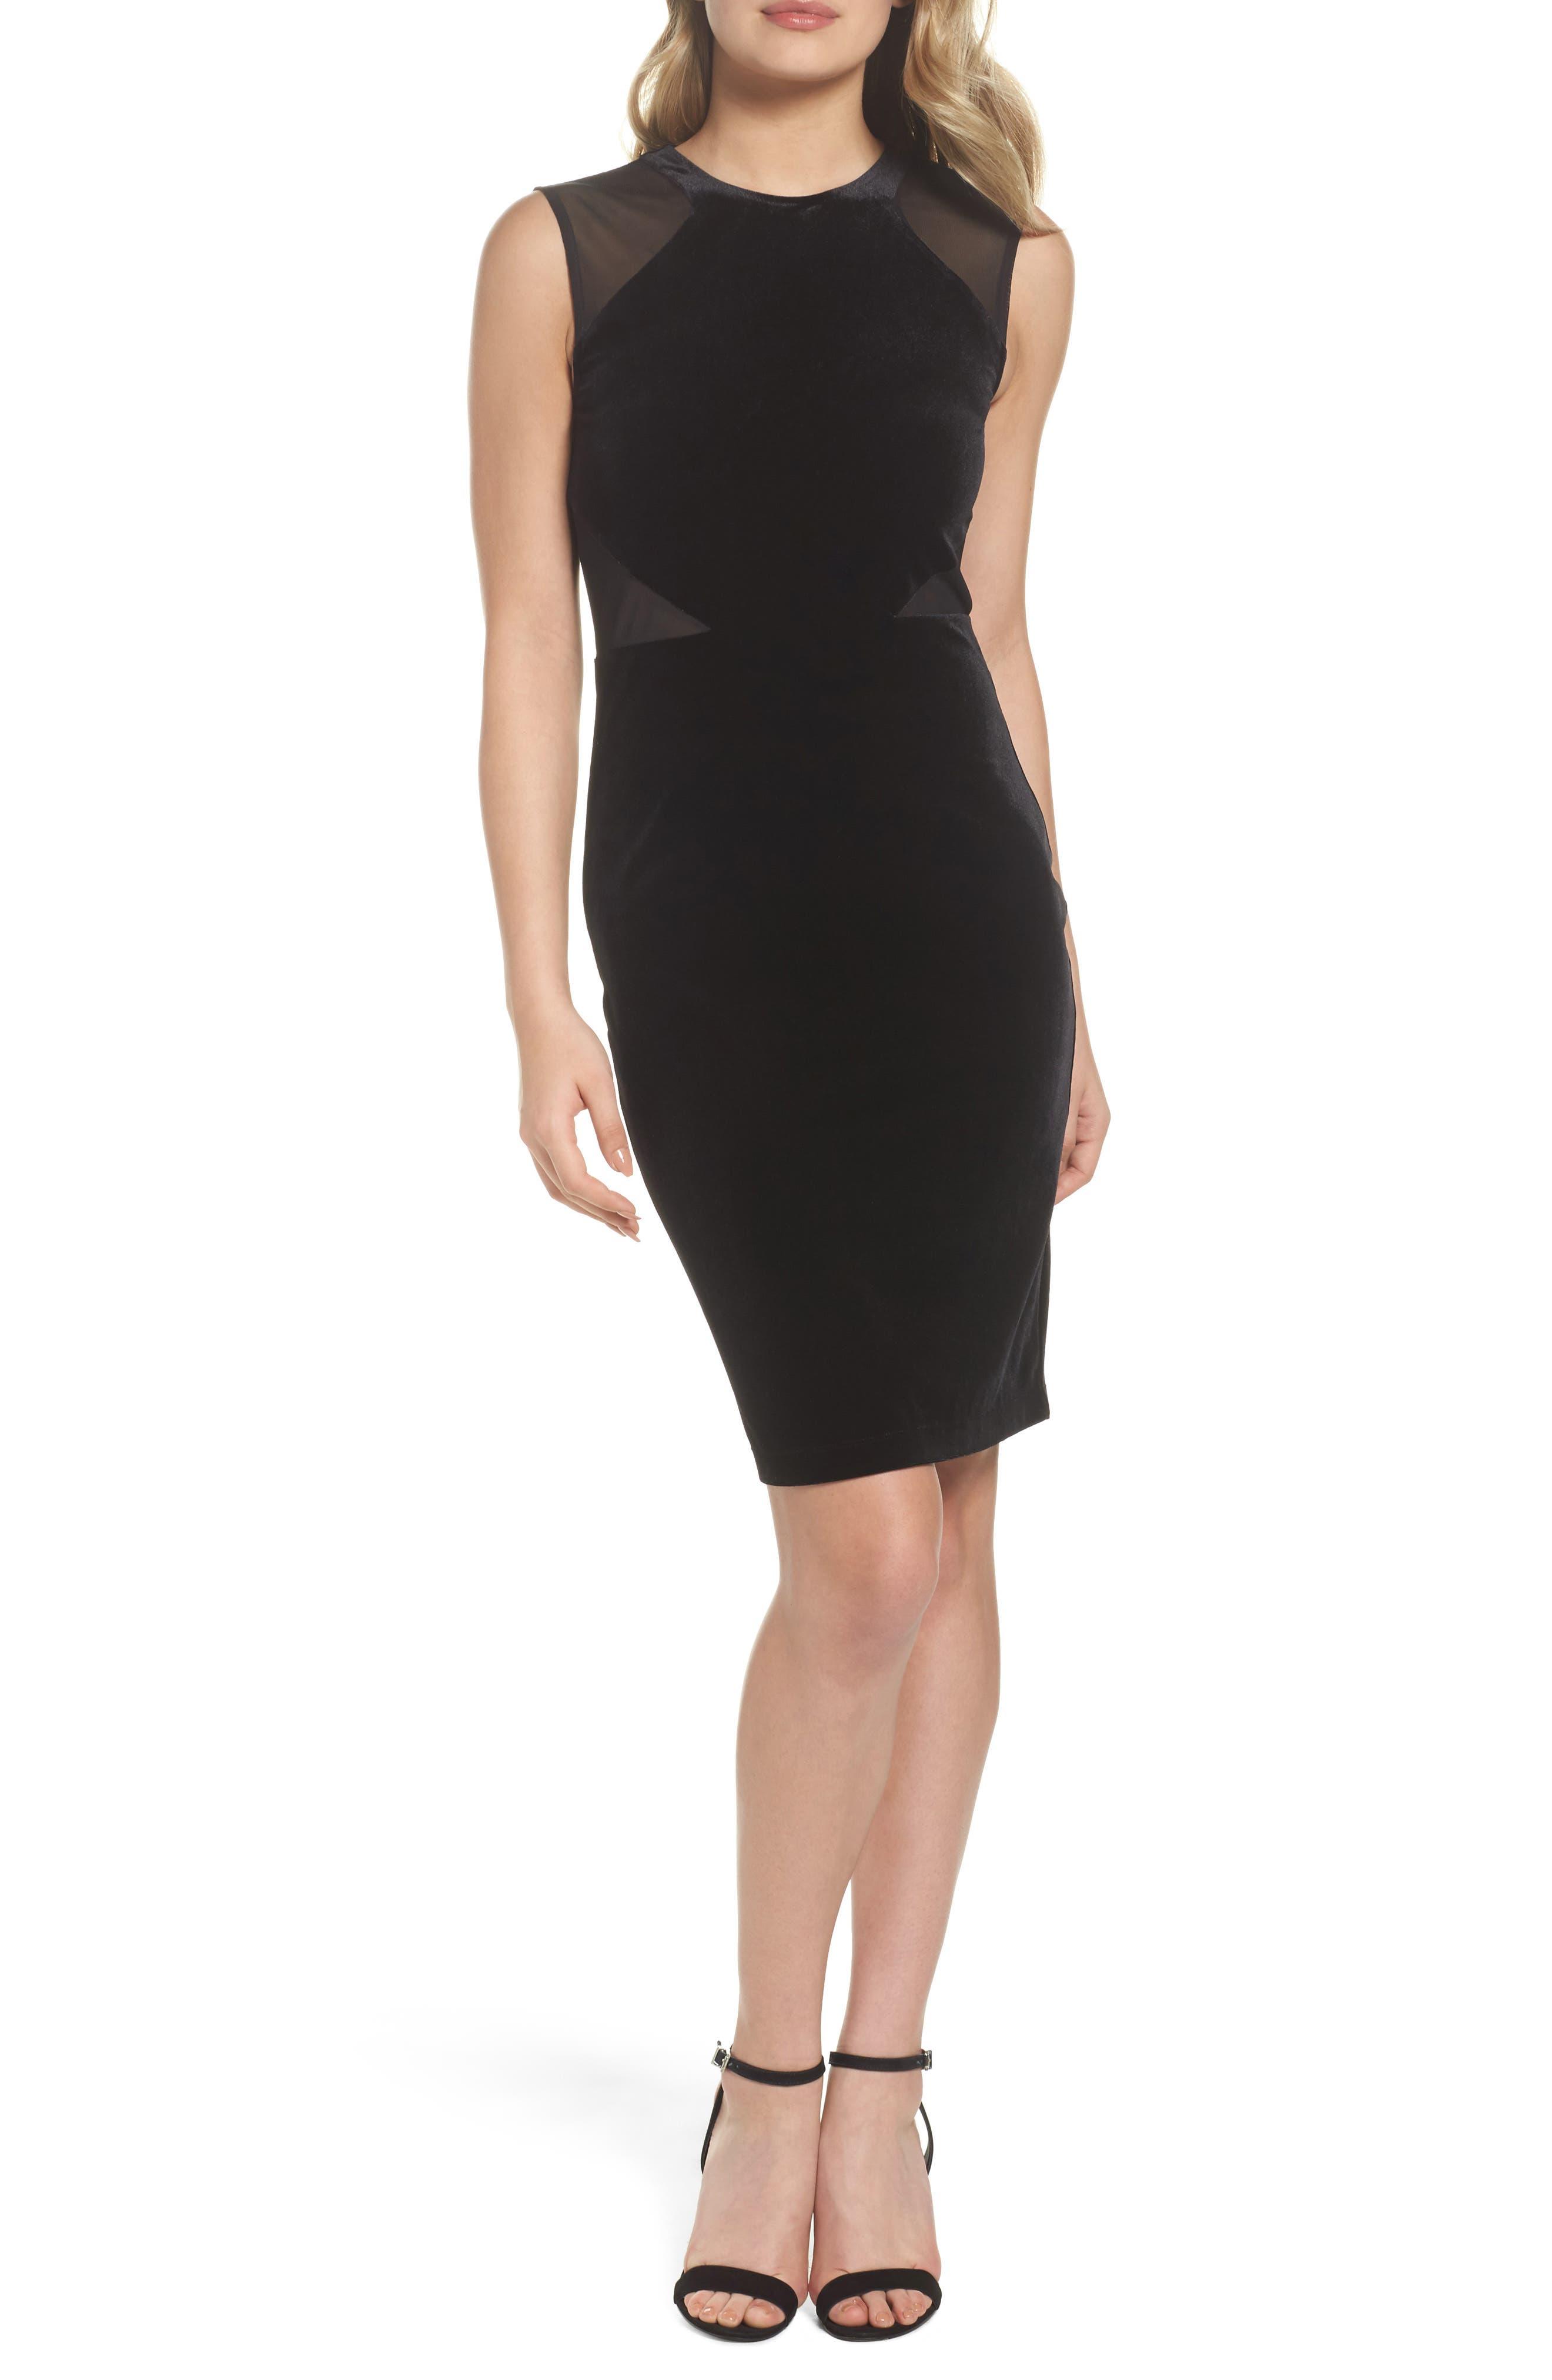 Viven Velvet Body-Con Dress,                         Main,                         color, Black/ Black